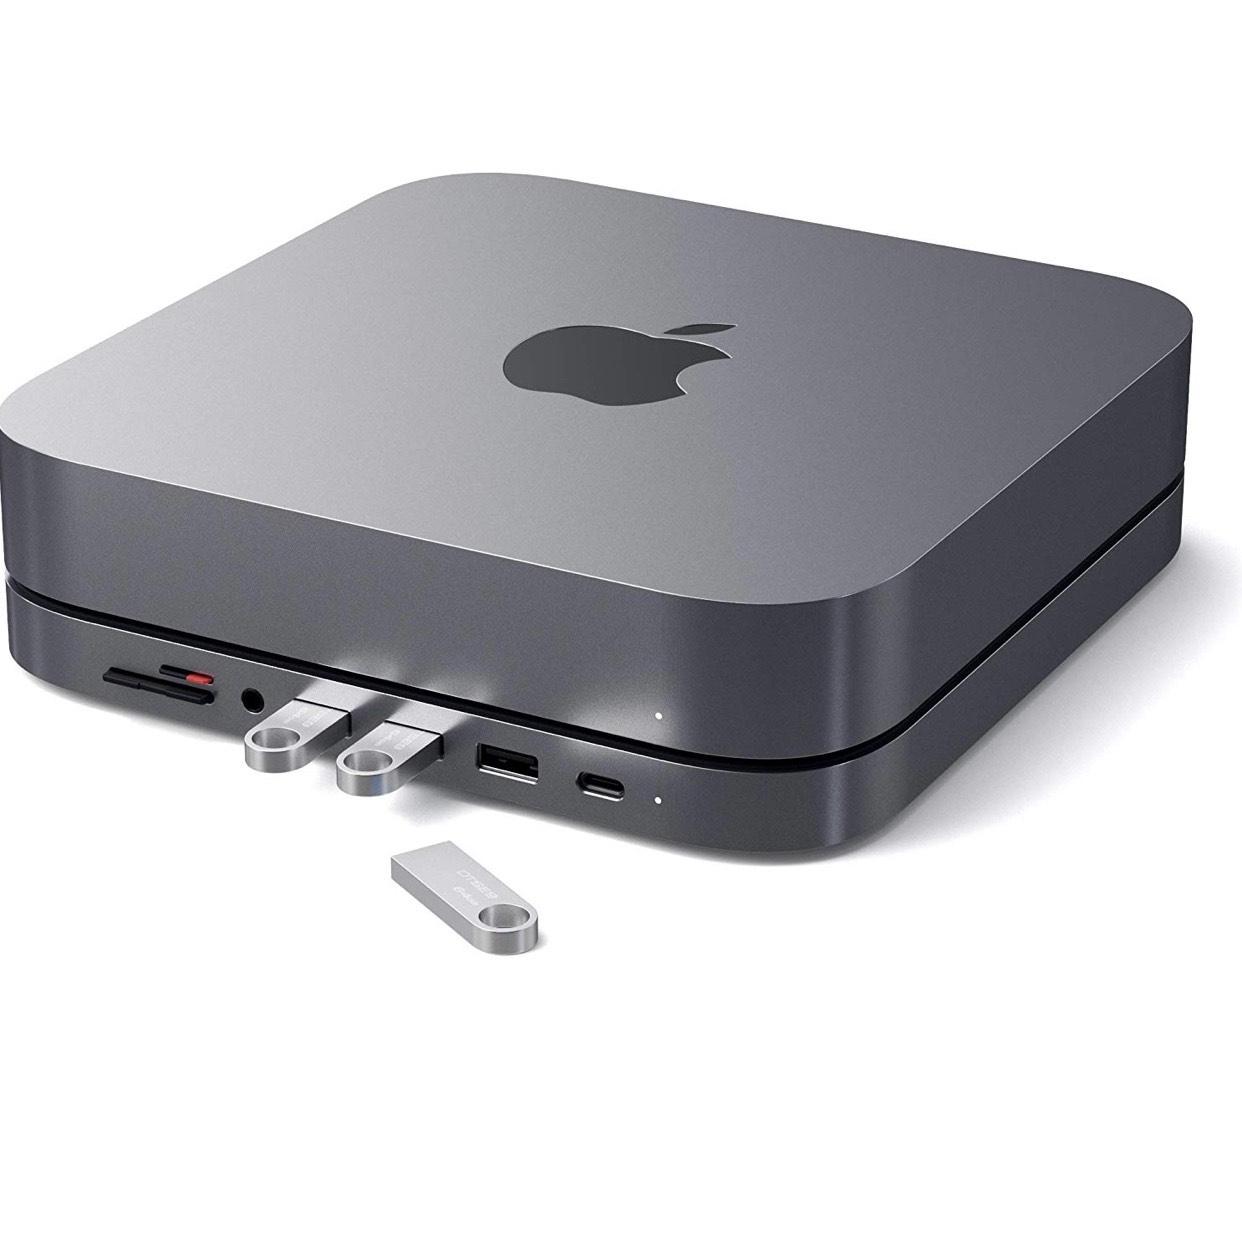 SATECHI USB-C Hub für Mac Mini 2018 oder neuer